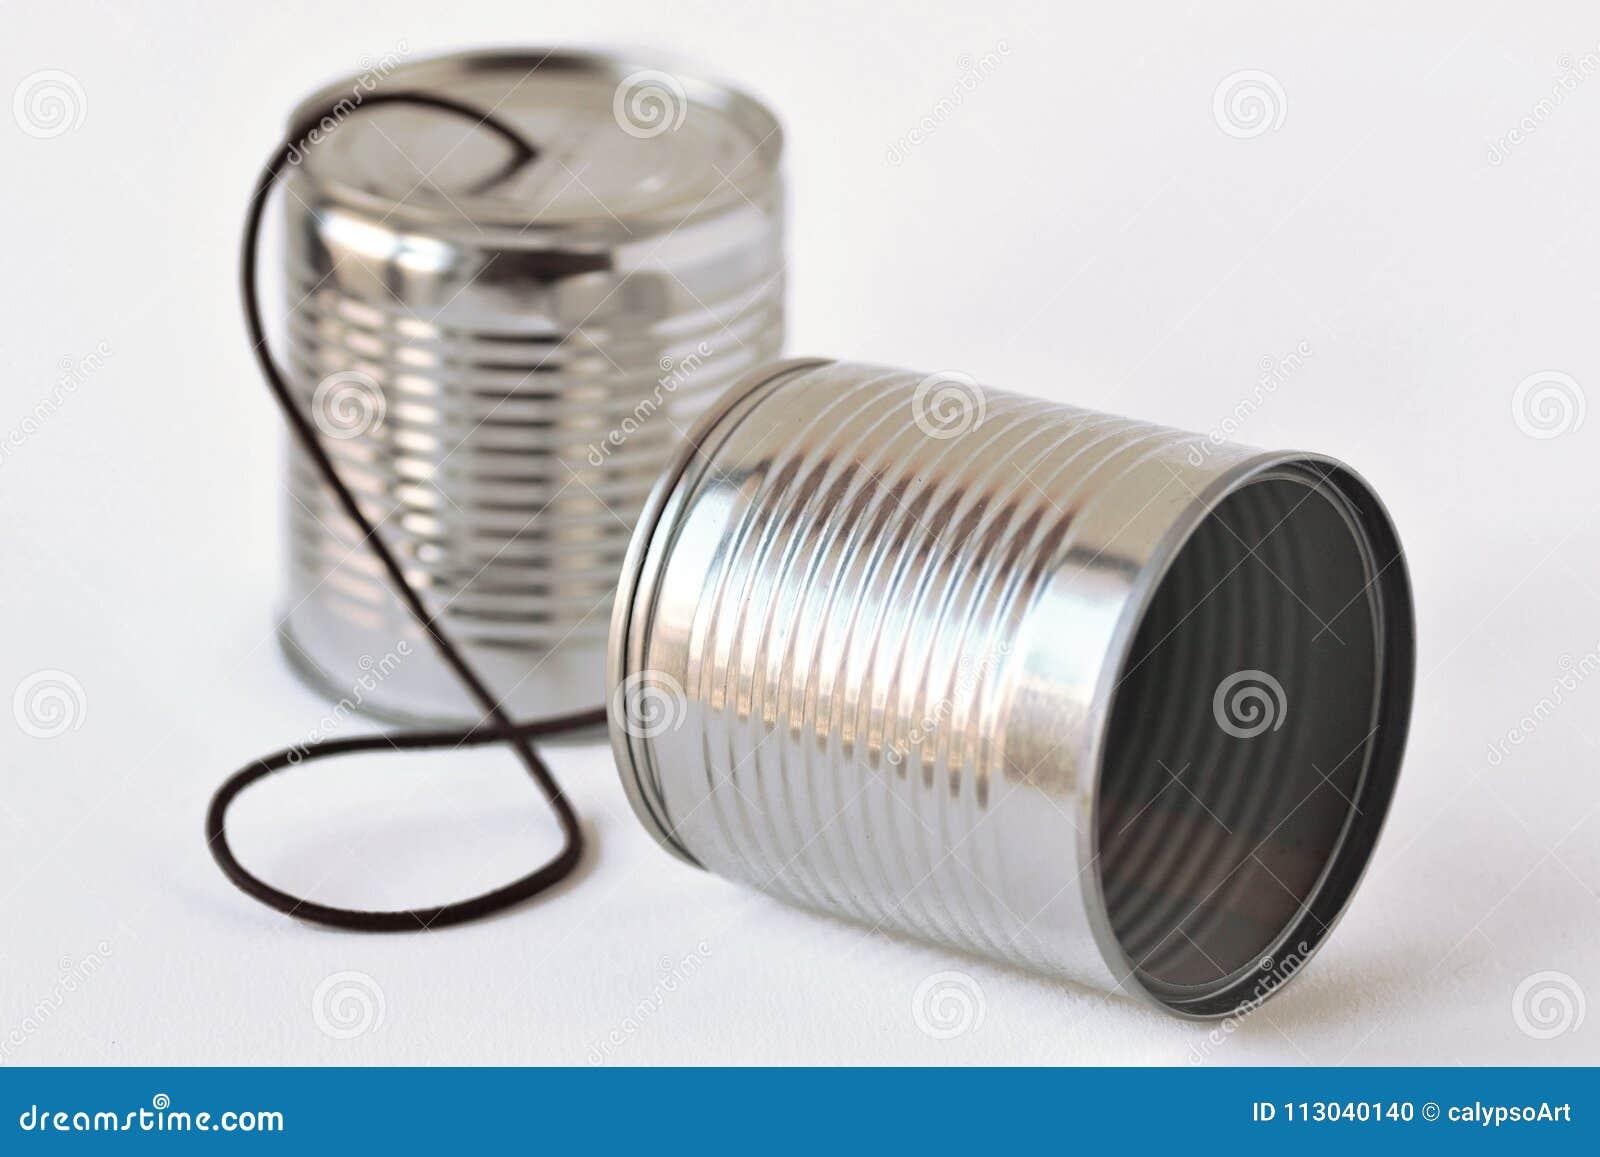 De telefoon van tinblikken op witte achtergrond - Communicatie concept